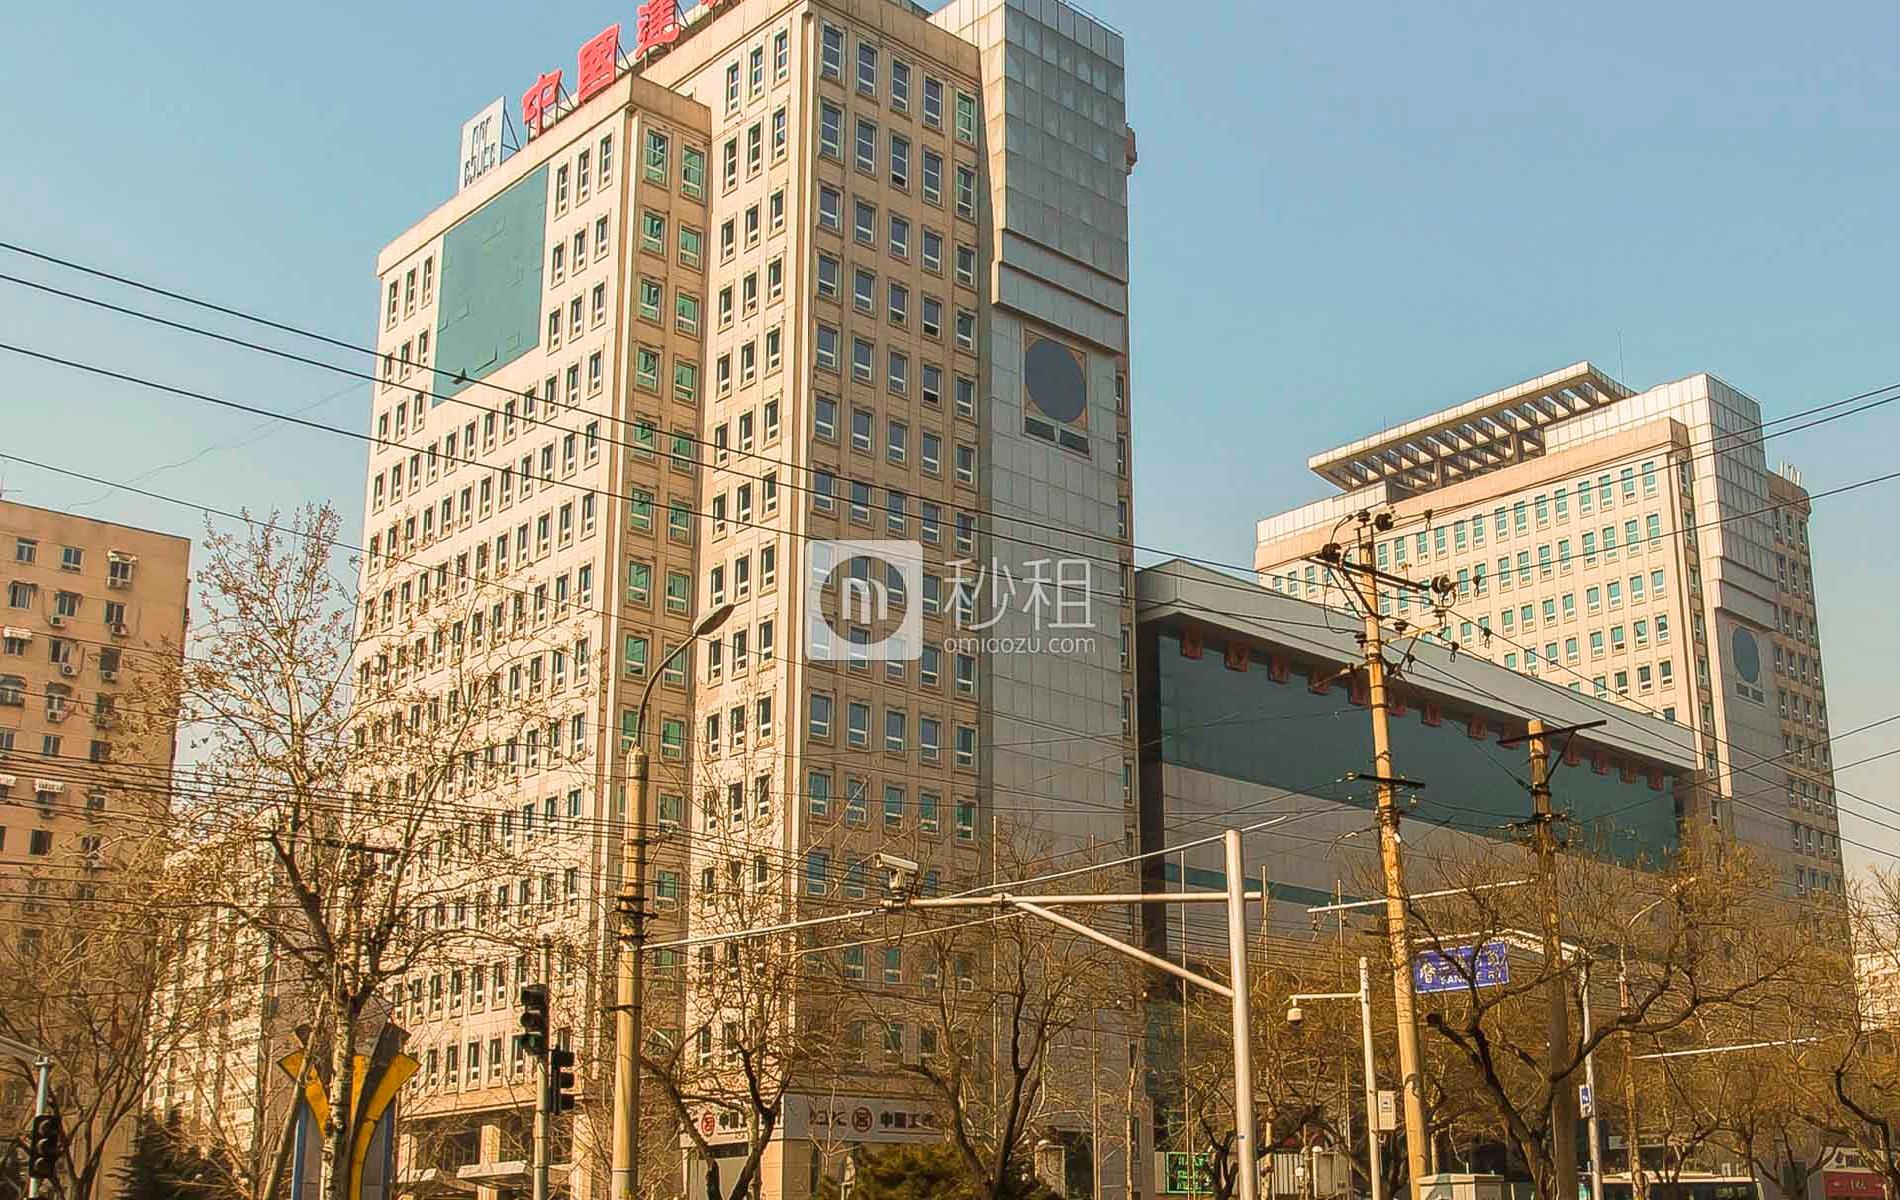 中国建筑文化中心